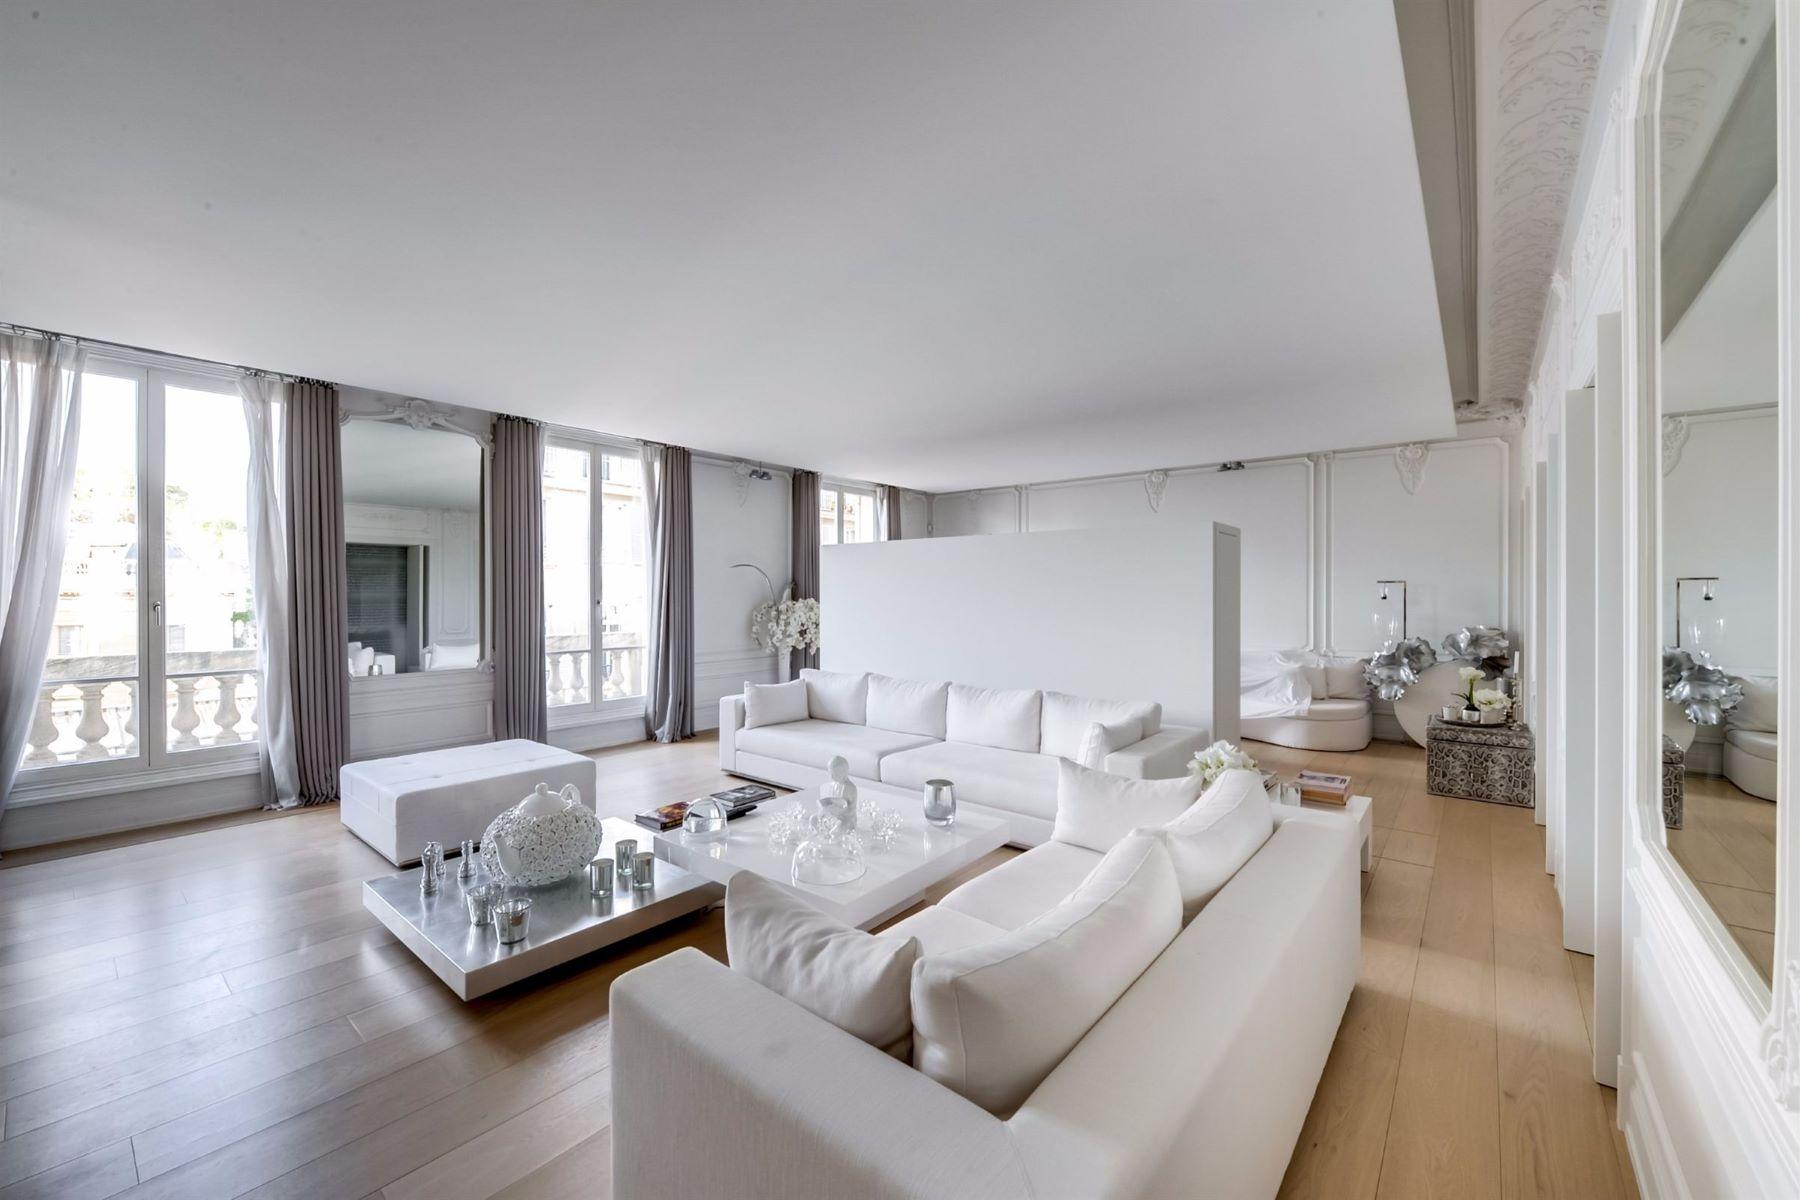 Apartamento para Venda às A 350 sq.m Apartment for sale, Paris 8 - Parc Monceau, 4 bedrooms Paris, Ile-De-France, 75008 França